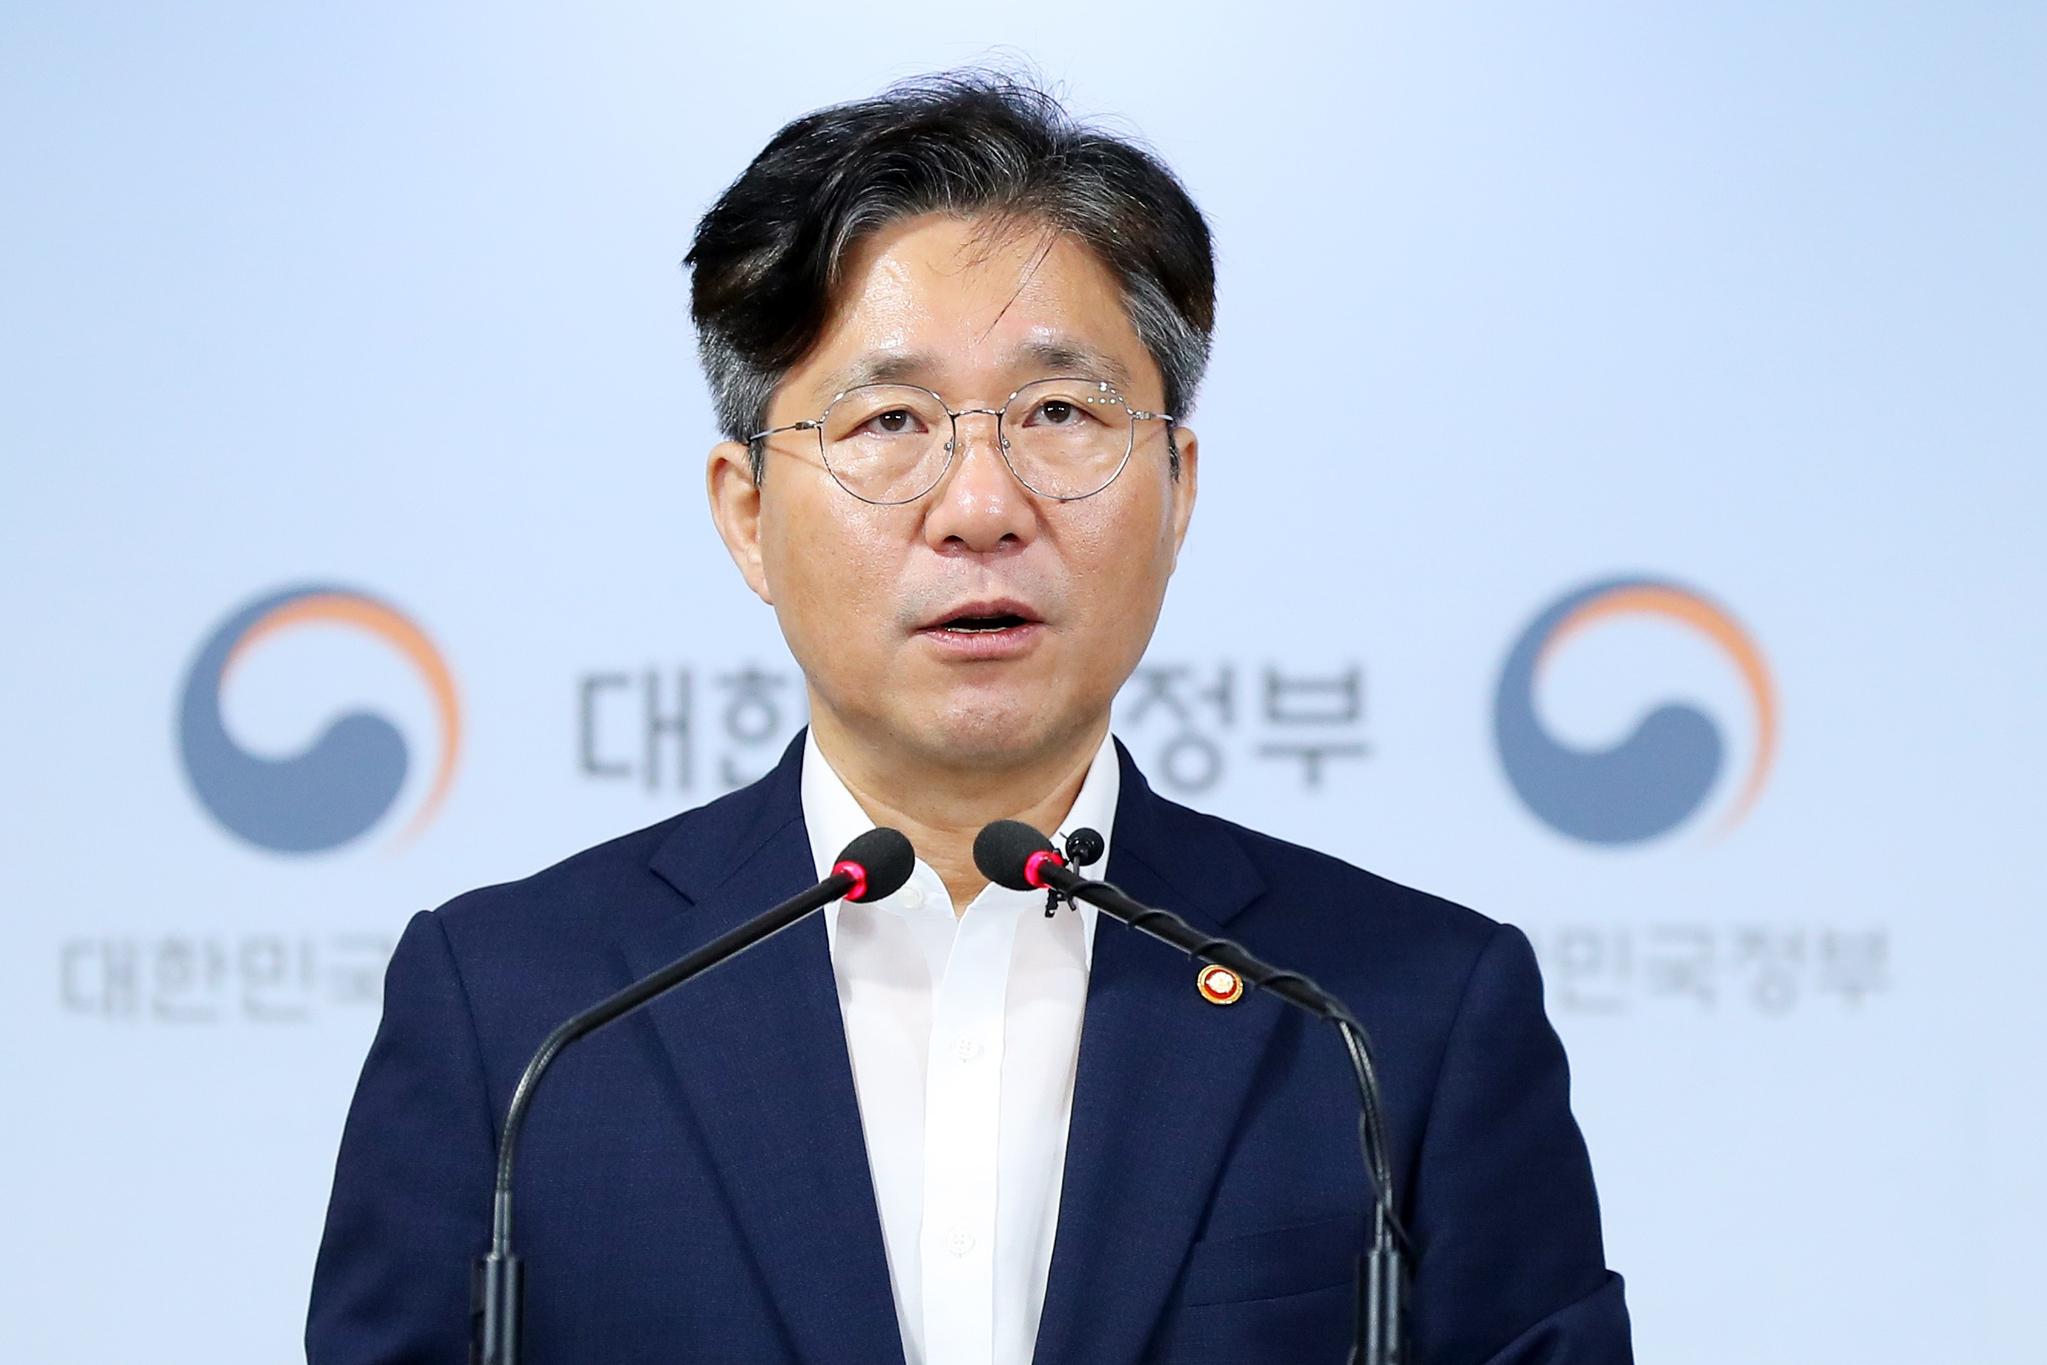 성윤모 산업통상자원부 장관. [연합뉴스]